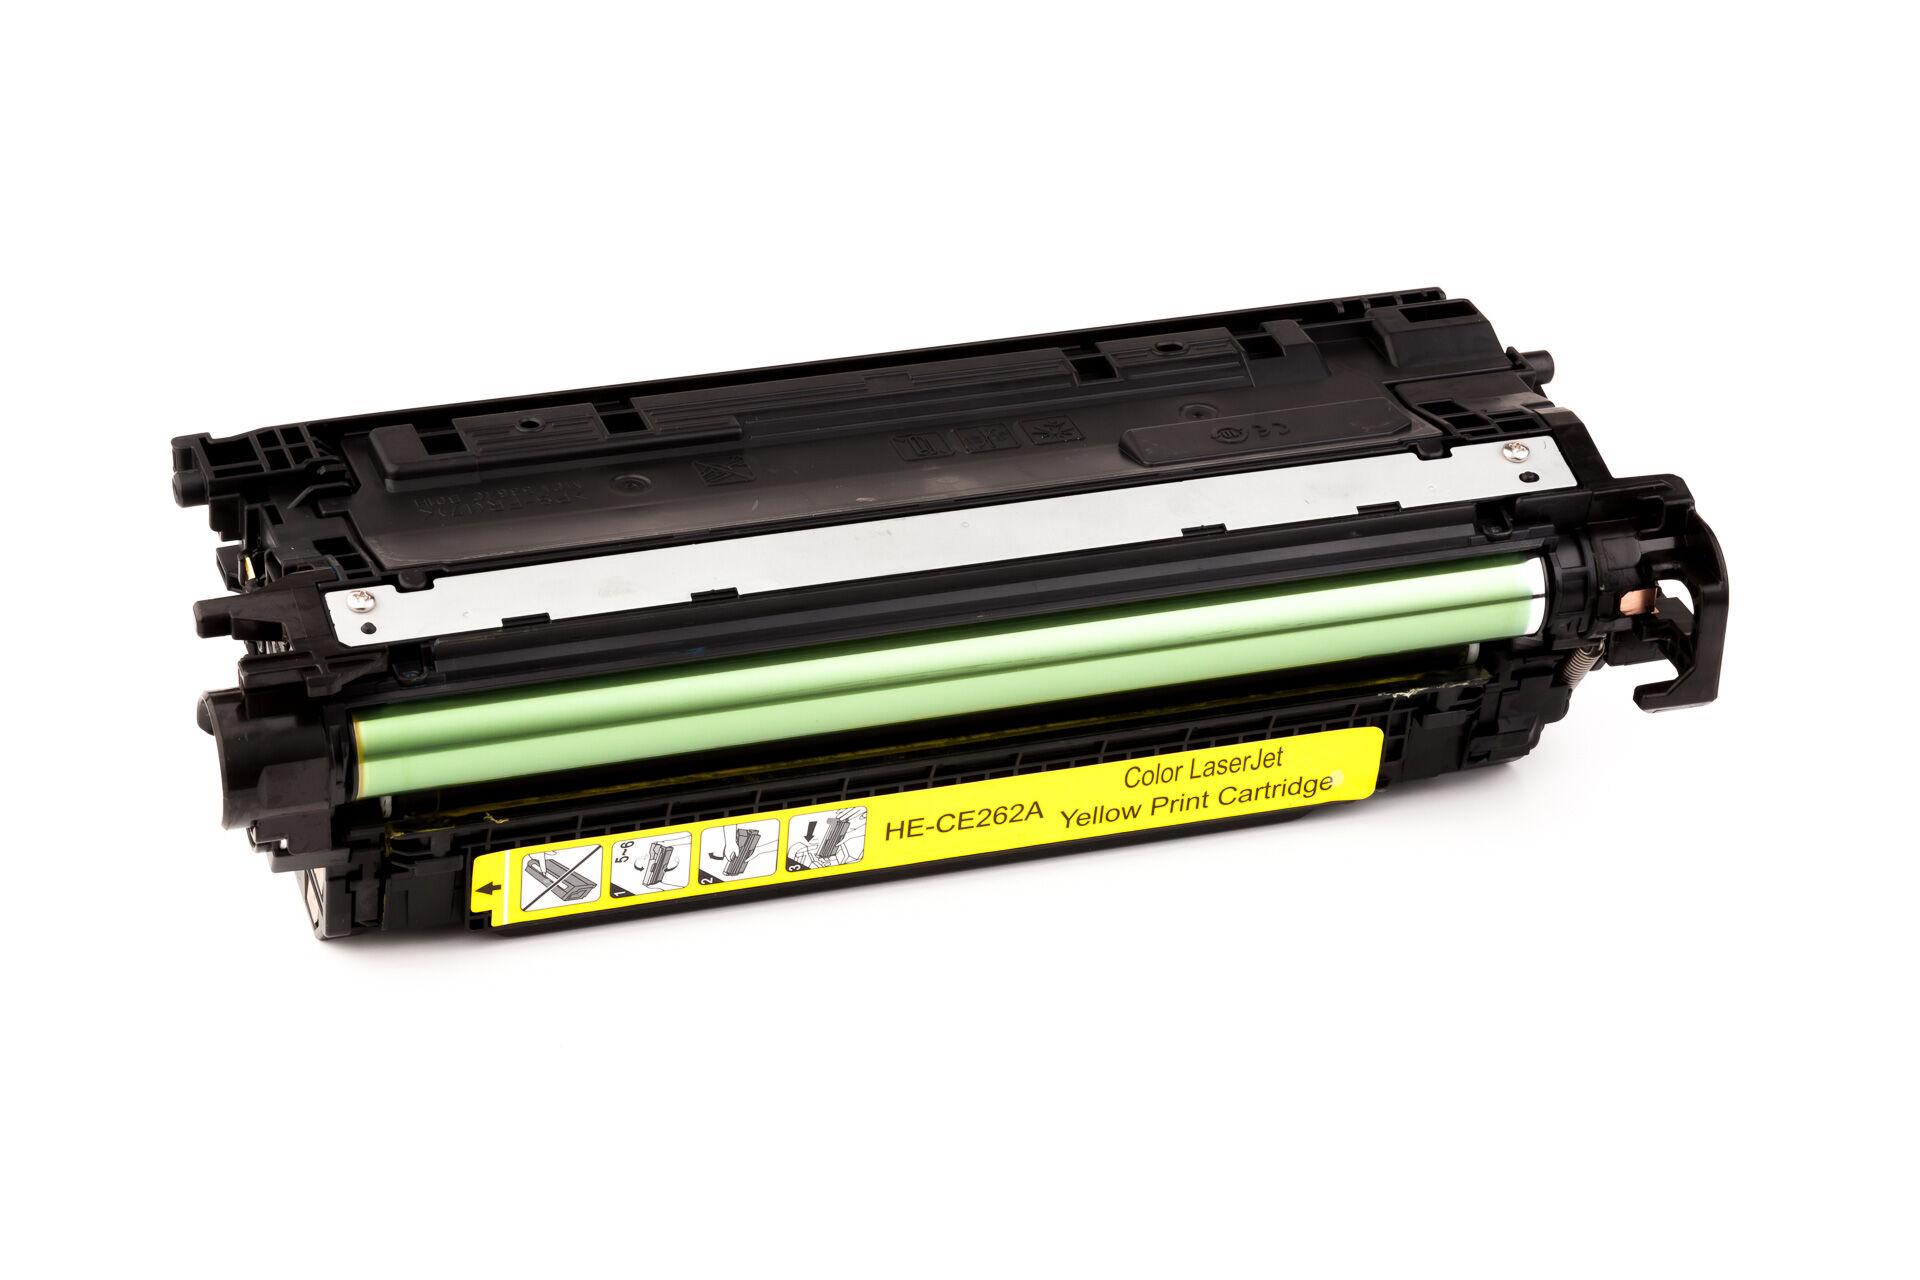 HP Cartouche de Toner pour HP CE262A / 648A jaune compatible (de marque ASC)